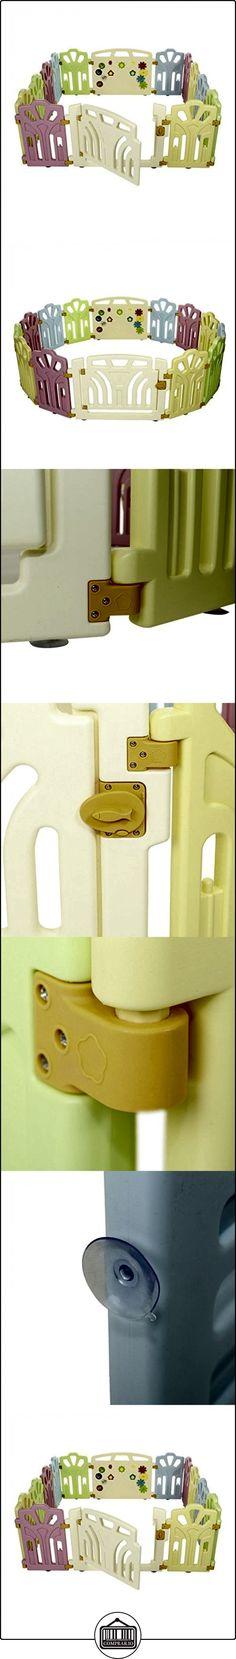 Baby Vivo - Parques para niños con colores de plástico de puertas  ✿ Seguridad para tu bebé - (Protege a tus hijos) ✿ ▬► Ver oferta: http://comprar.io/goto/B00V4ZUCI0